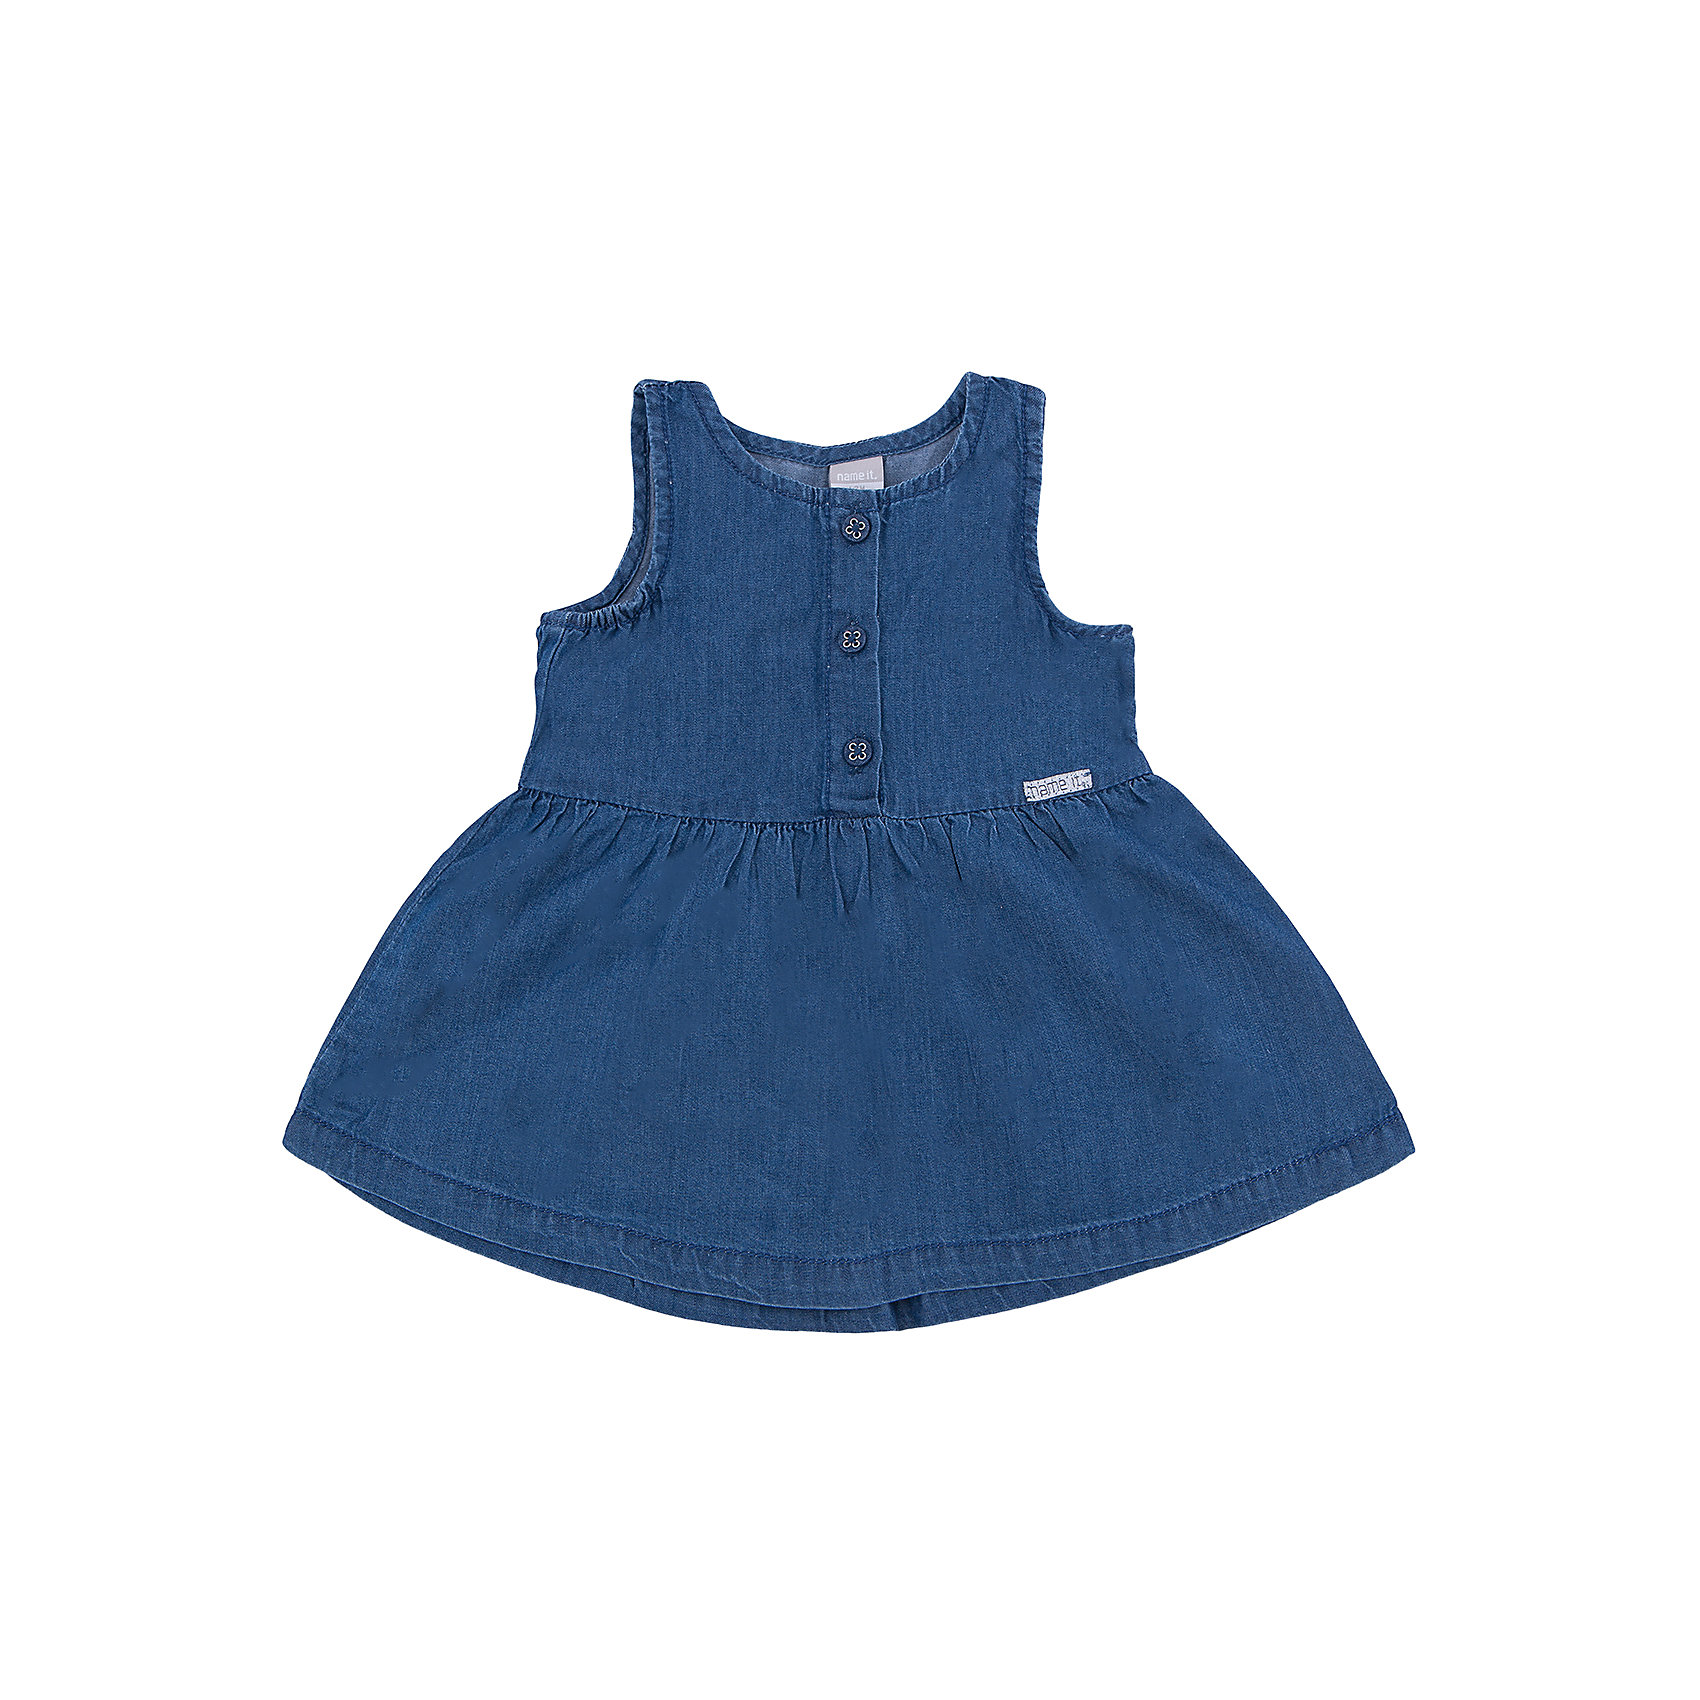 Платье name itПлатье для девочки от известной марки Name it<br><br>Модное удобное платье - отличный вариант разнообразить гардероб. В нем ребенку будет комфортно. Сшита модель из легкого джинсового материала, просто надевается, отлично смотрится. Такое платье подойдет практически к любому случаю.<br><br>Особенности модели:<br><br>- цвет: синий;<br>- верх украшен пуговицами;<br>- пышный подол;<br>- без рукавов;<br>- круглый горловой вырез;<br>- на талии - логотип.<br><br>Дополнительная информация:<br><br>Состав: 100% хлопок<br> <br>Платье для девочки от Name it (Нэйм Ит) можно купить в нашем магазине.<br><br>Ширина мм: 236<br>Глубина мм: 16<br>Высота мм: 184<br>Вес г: 177<br>Цвет: синий<br>Возраст от месяцев: 2<br>Возраст до месяцев: 5<br>Пол: Женский<br>Возраст: Детский<br>Размер: 62,56,74,68<br>SKU: 4035511